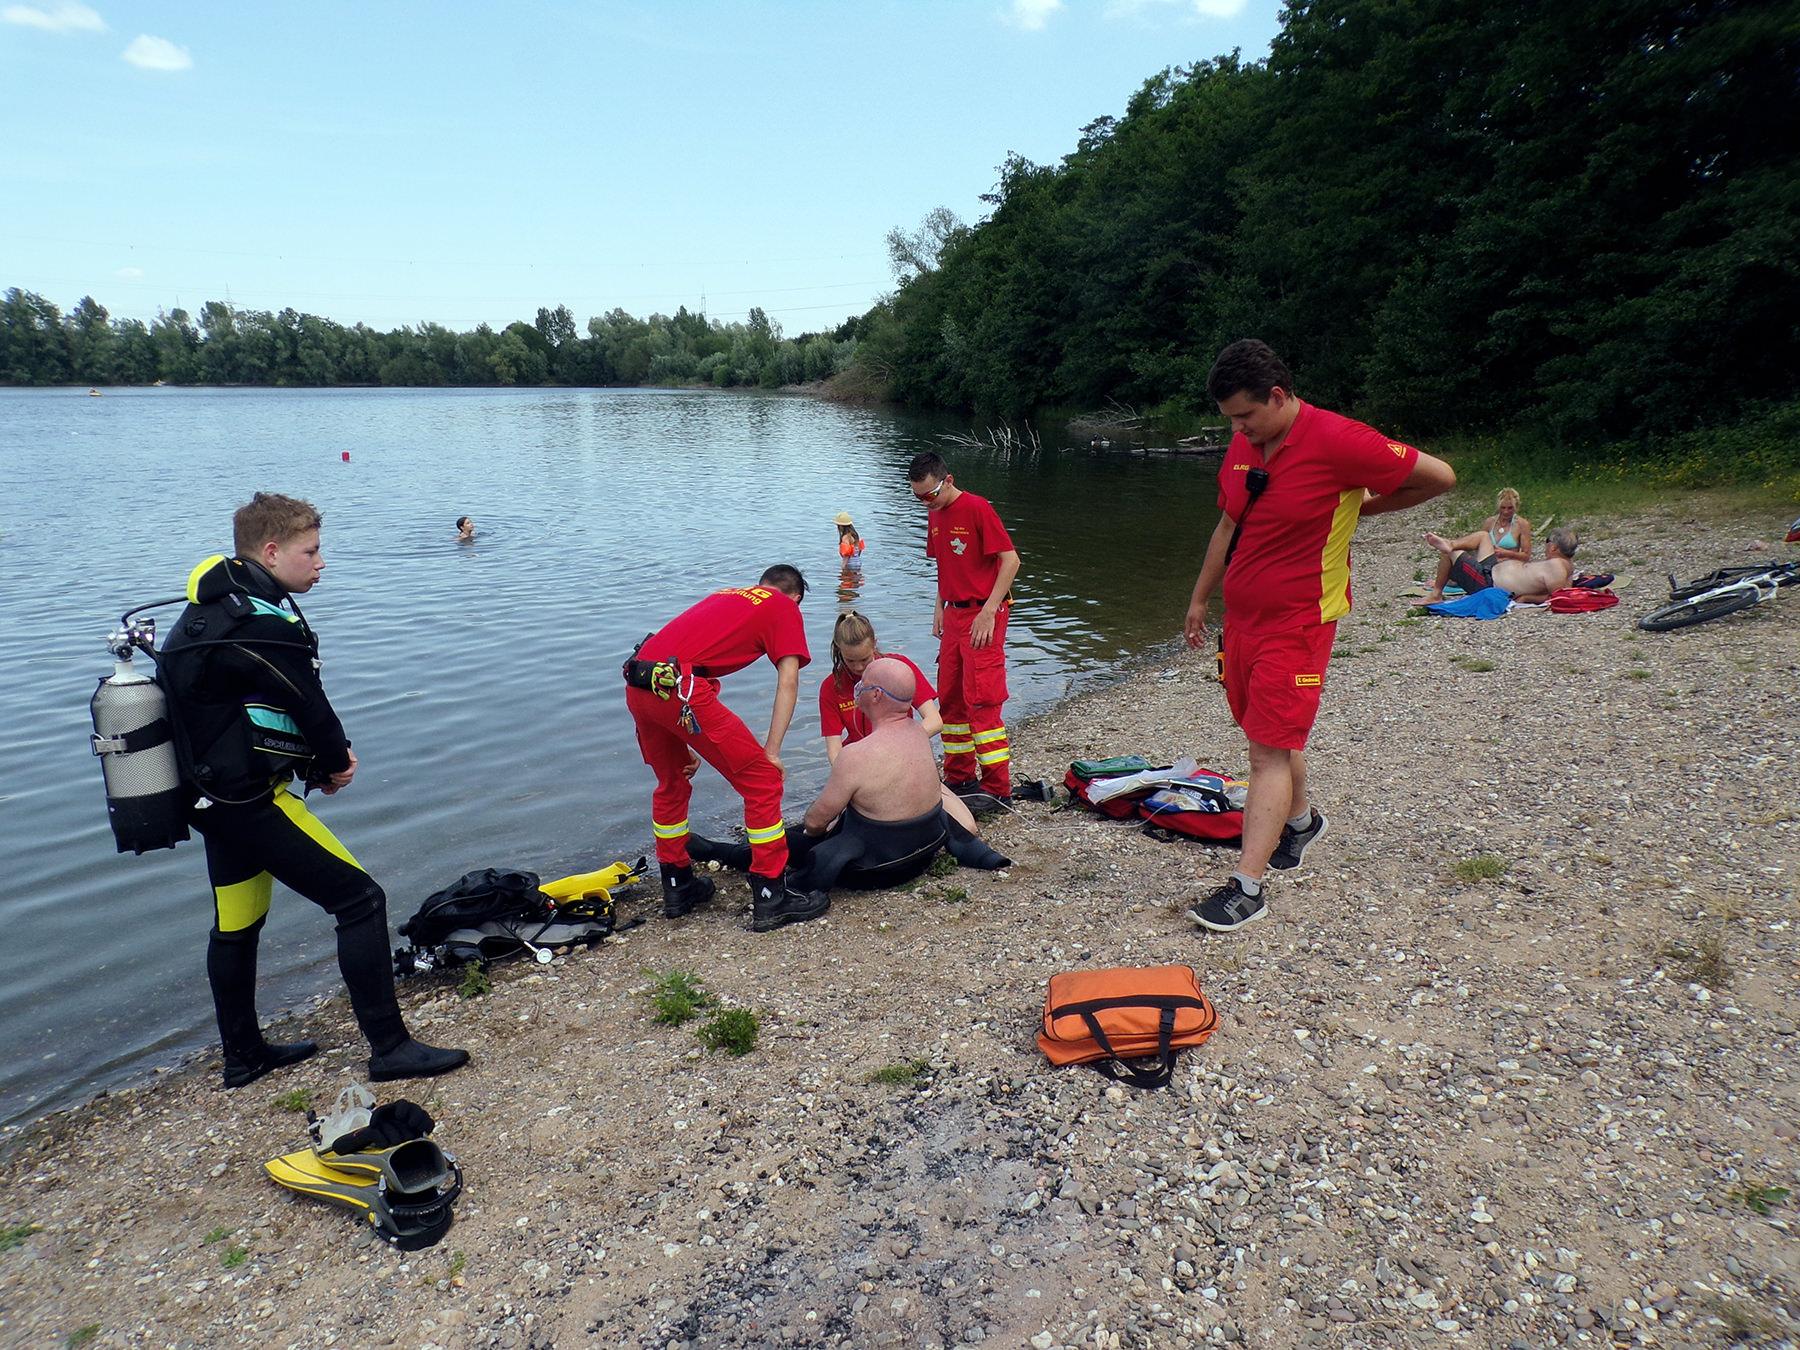 Rettungsübung am Hitdorferr See mit der DLRG Leverkusen